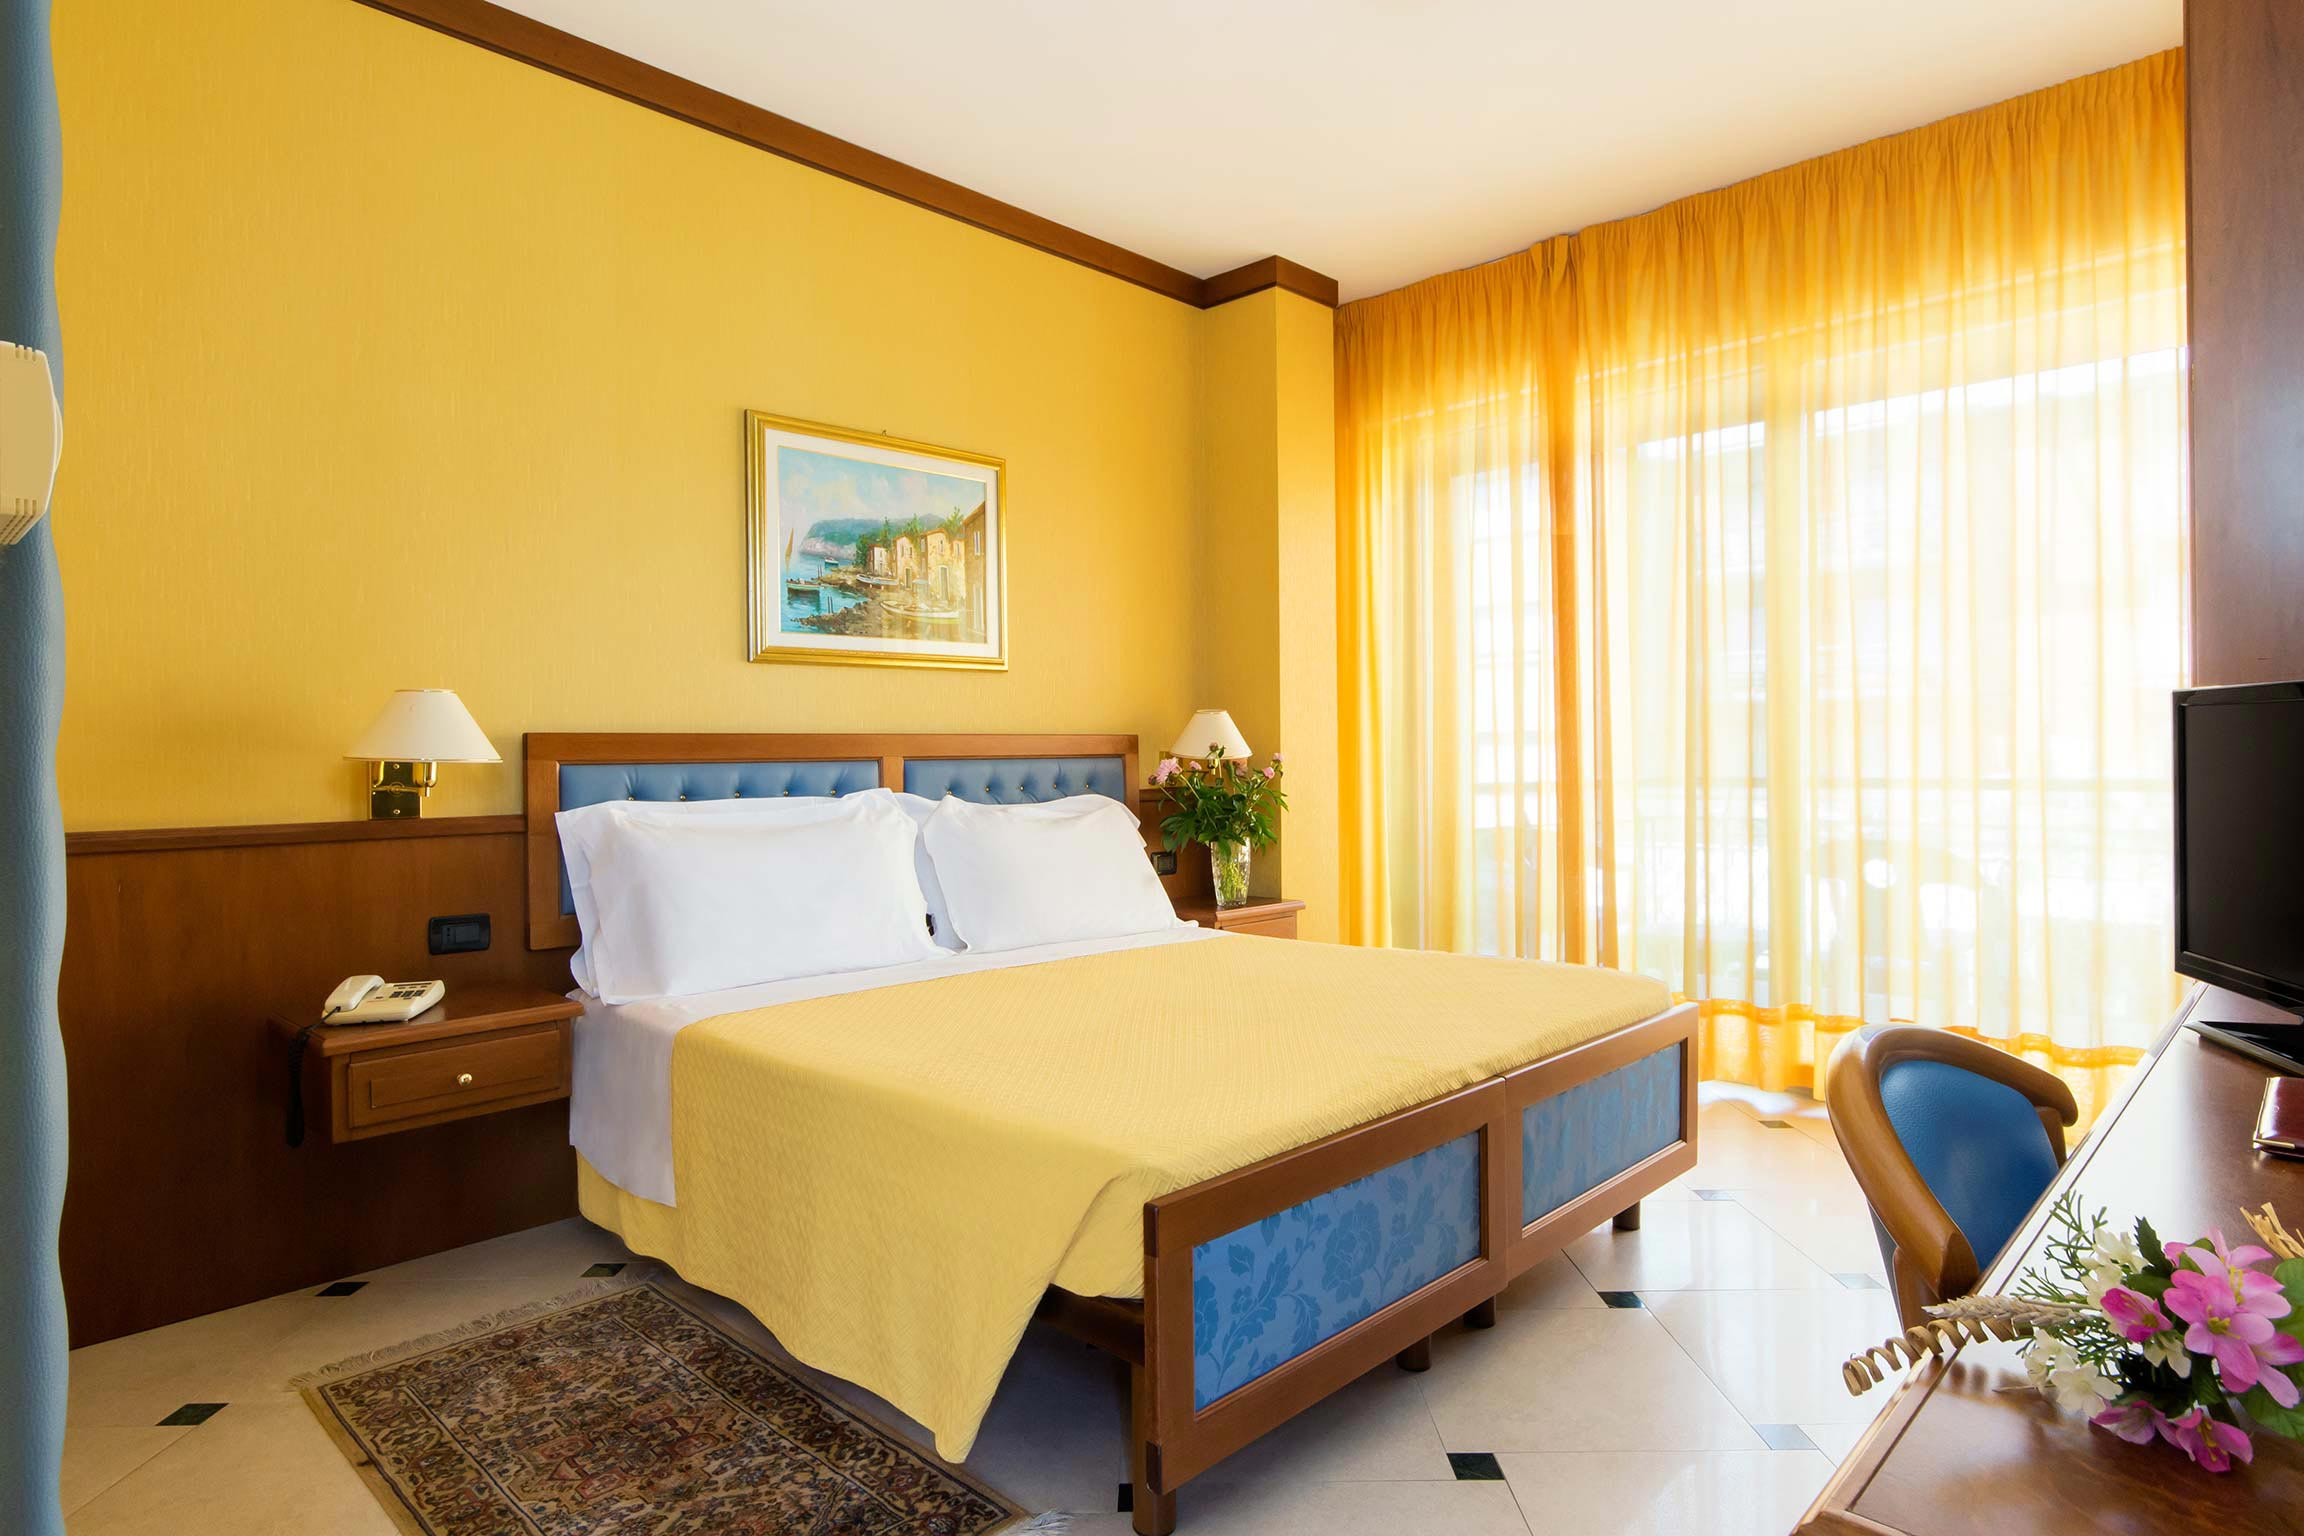 camere hotel diano marina - doppia lato strada